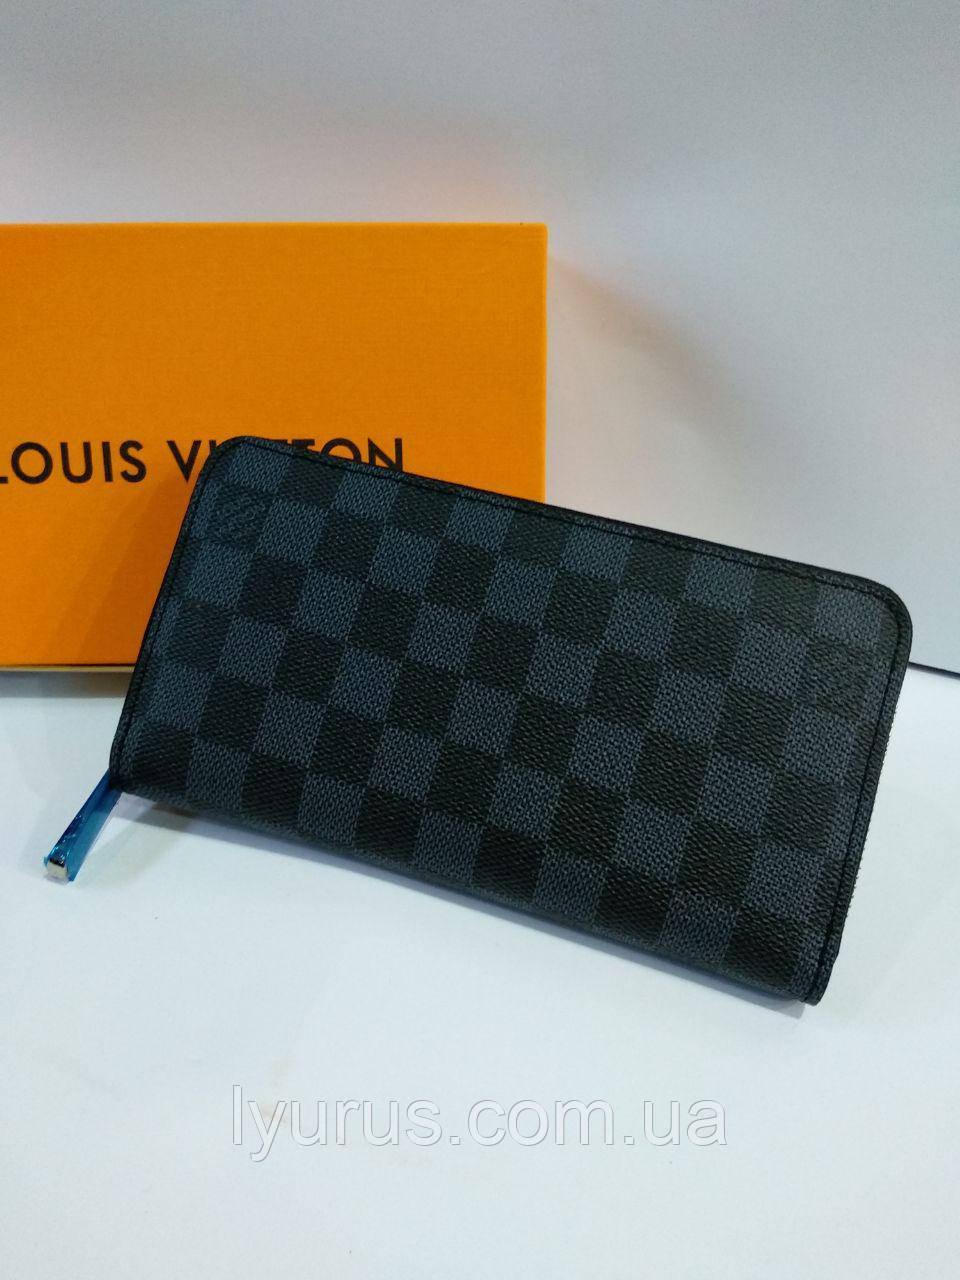 431941b1e254 Кожаный кошелек Louis Vuitton Луи Виттон - Интернет магазин LyuRus в Полтаве